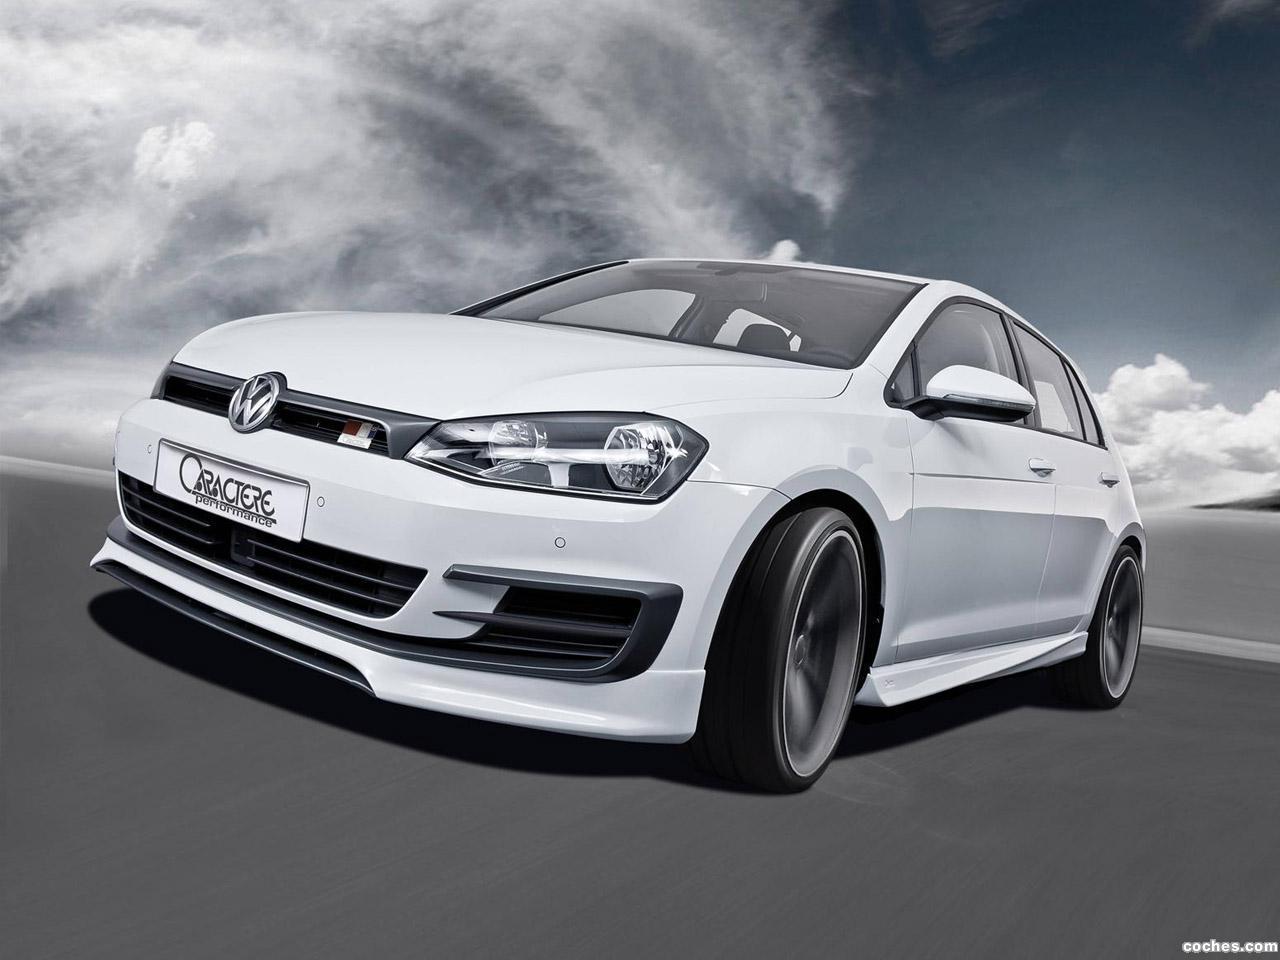 Foto 0 de Caractere Volkswagen Golf GTI 2014